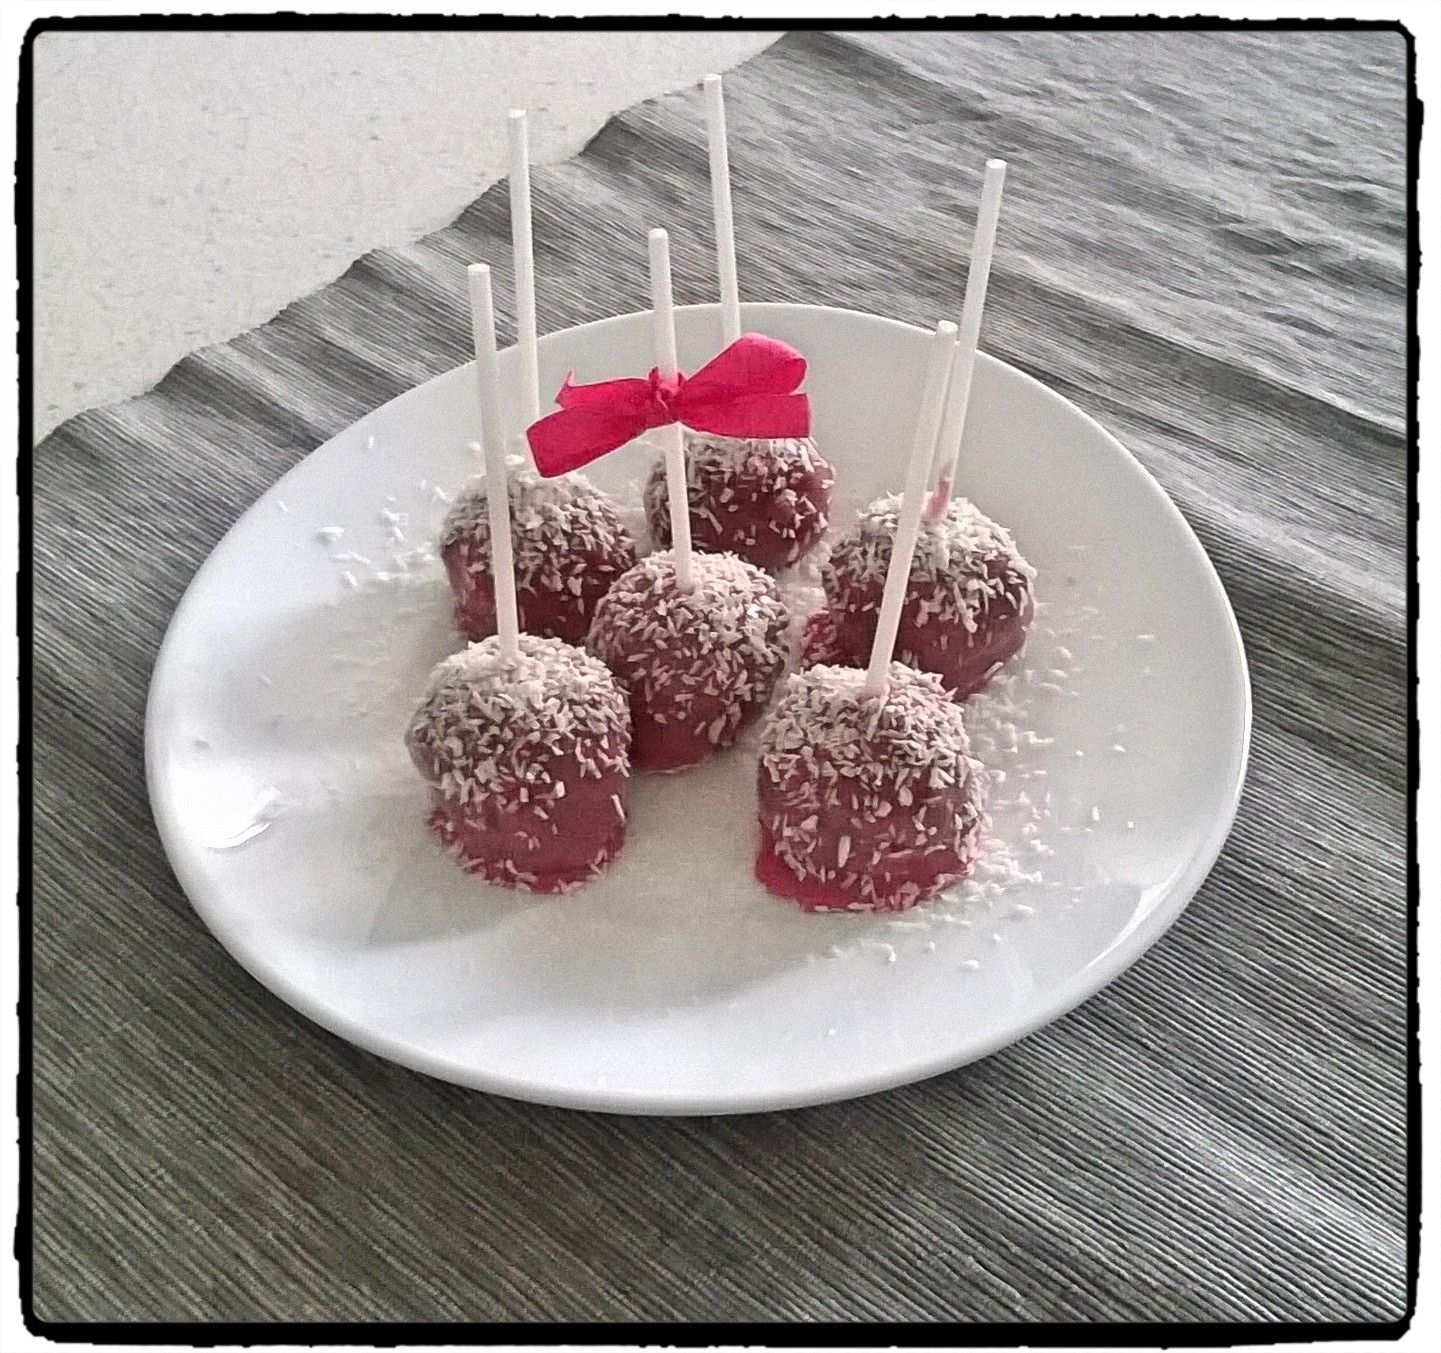 merendina veloce: pop cakes alle fragoline di bosco e cocco